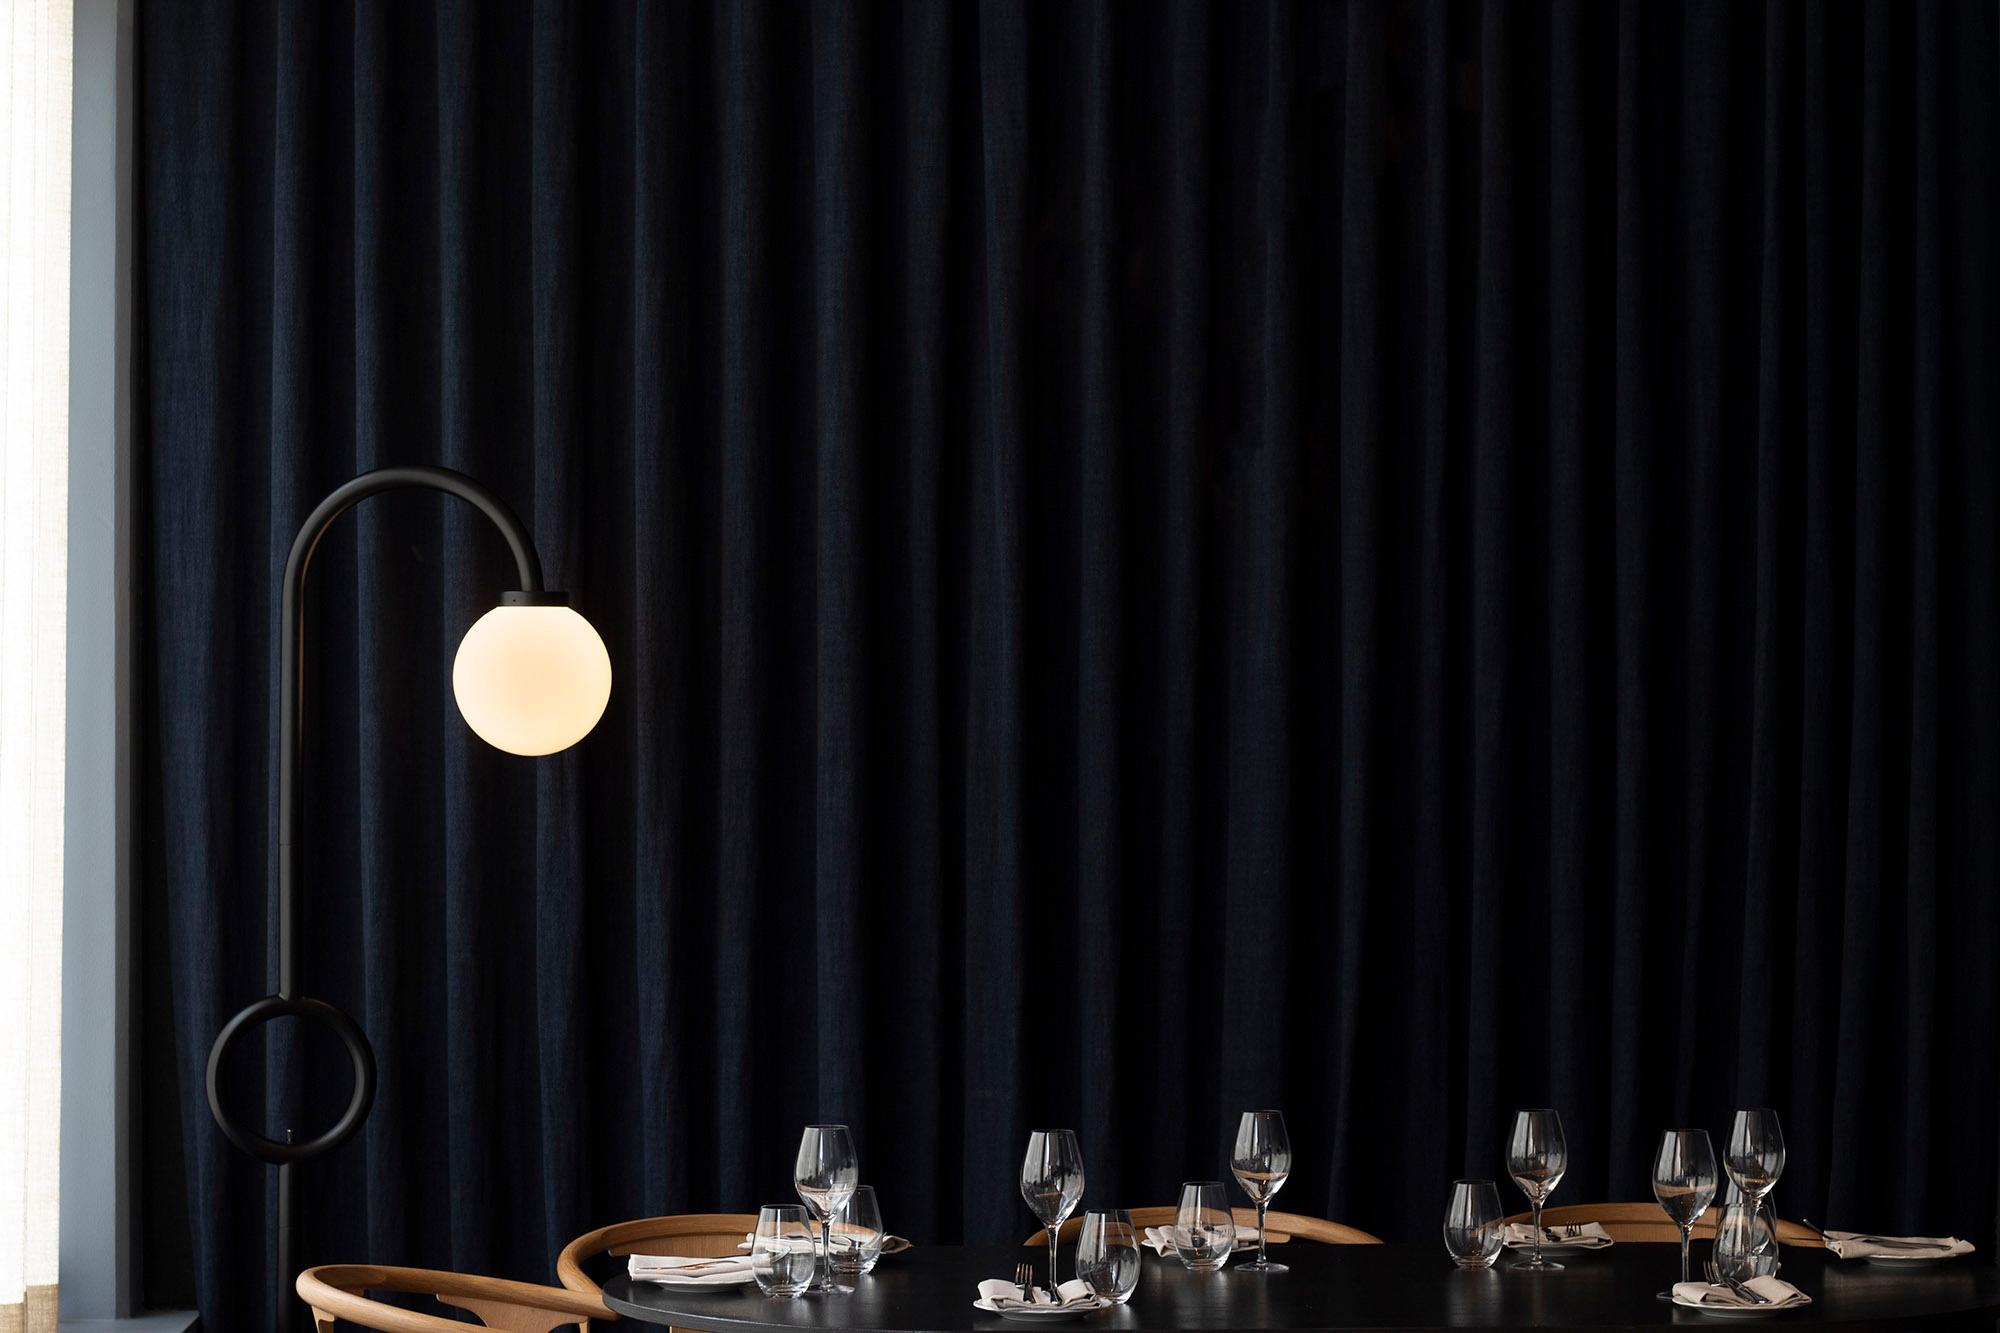 Vima Lamp